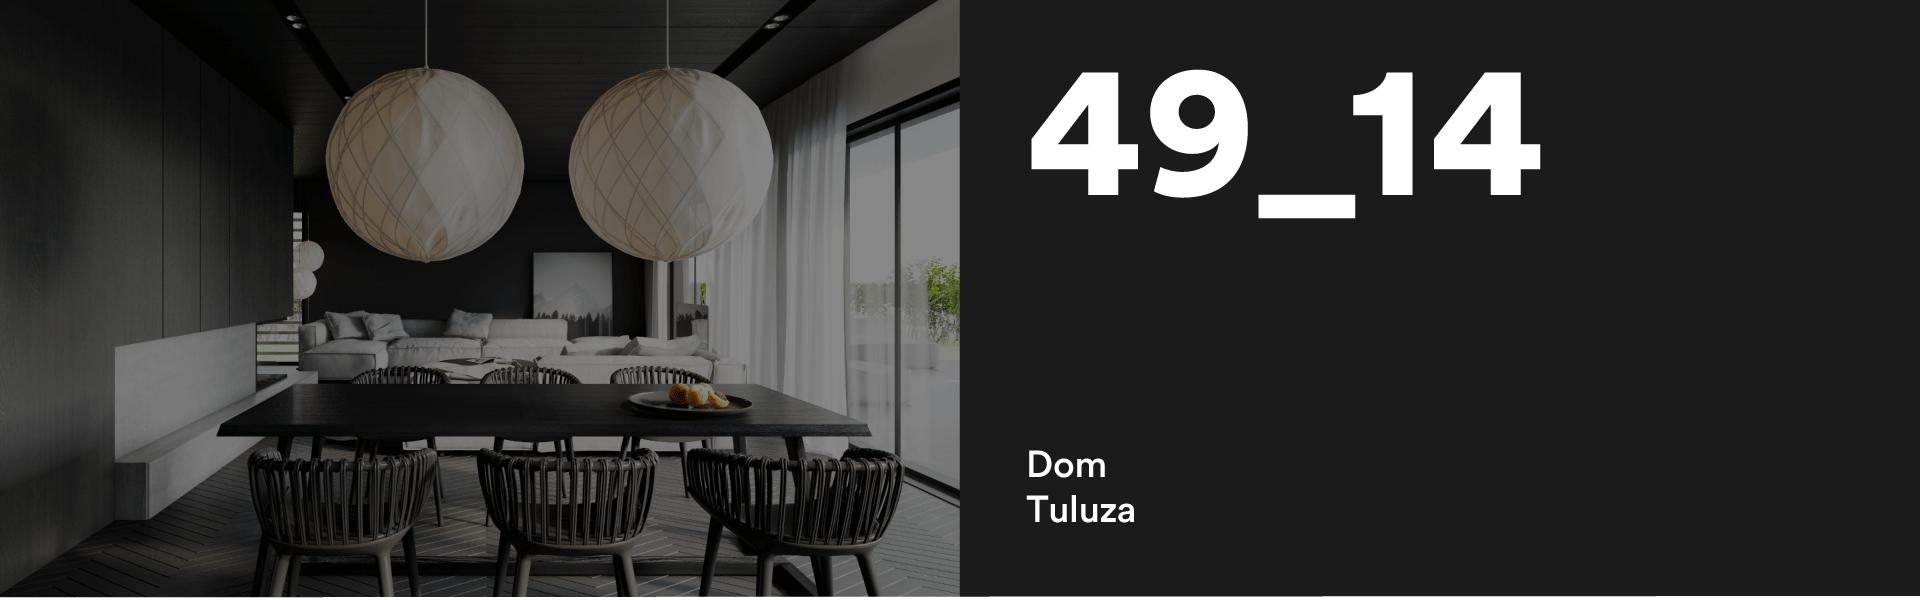 49_14 Dom w Tuluzie